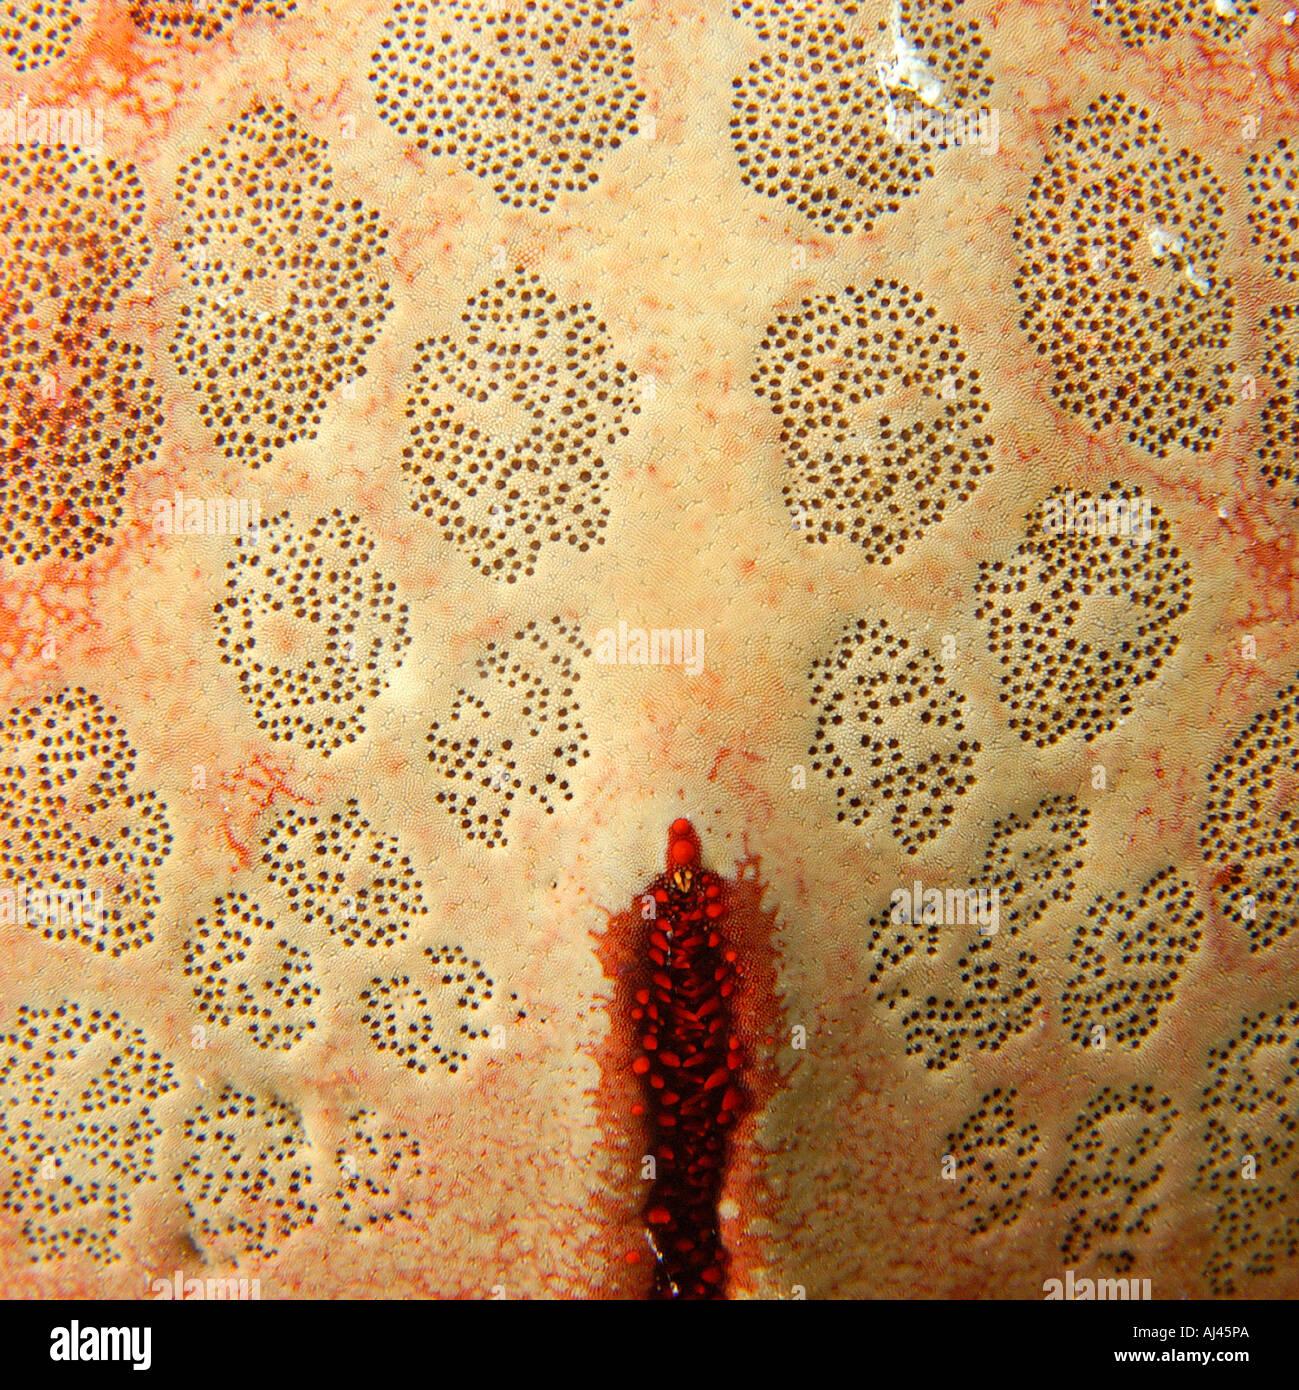 Culcita novaguineae estrella cojín de la textura de la piel Ailuk atolón del Pacífico Islas Marshall Imagen De Stock